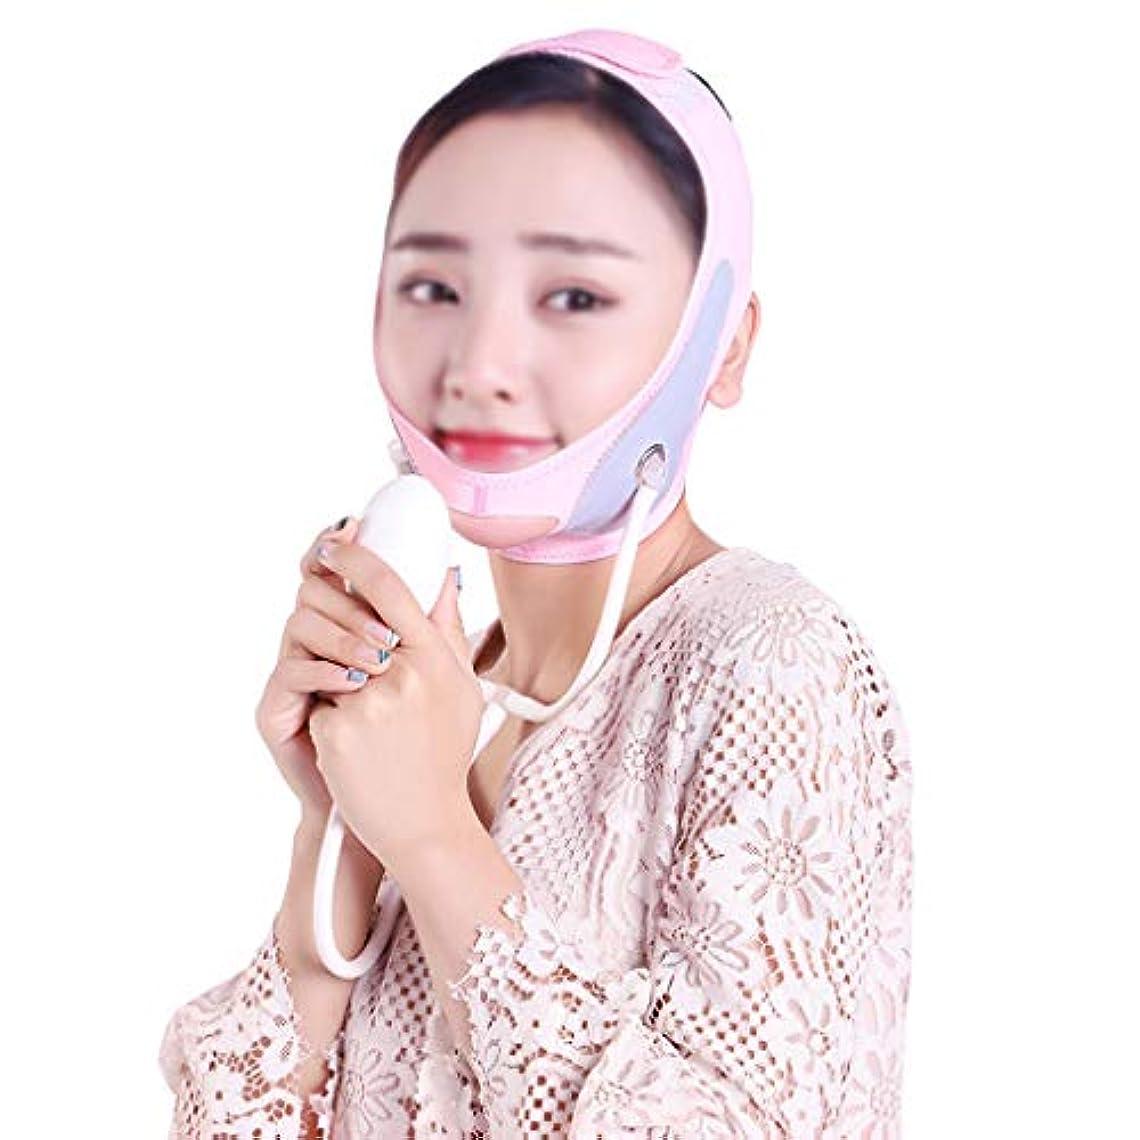 マエストロ省略するハリウッドGLJJQMY 膨脹可能なマスクは小さいVの表面を作成するために皮の形づけおよび引き締めパターン/二重あごの包帯の人工物を高めます 顔用整形マスク